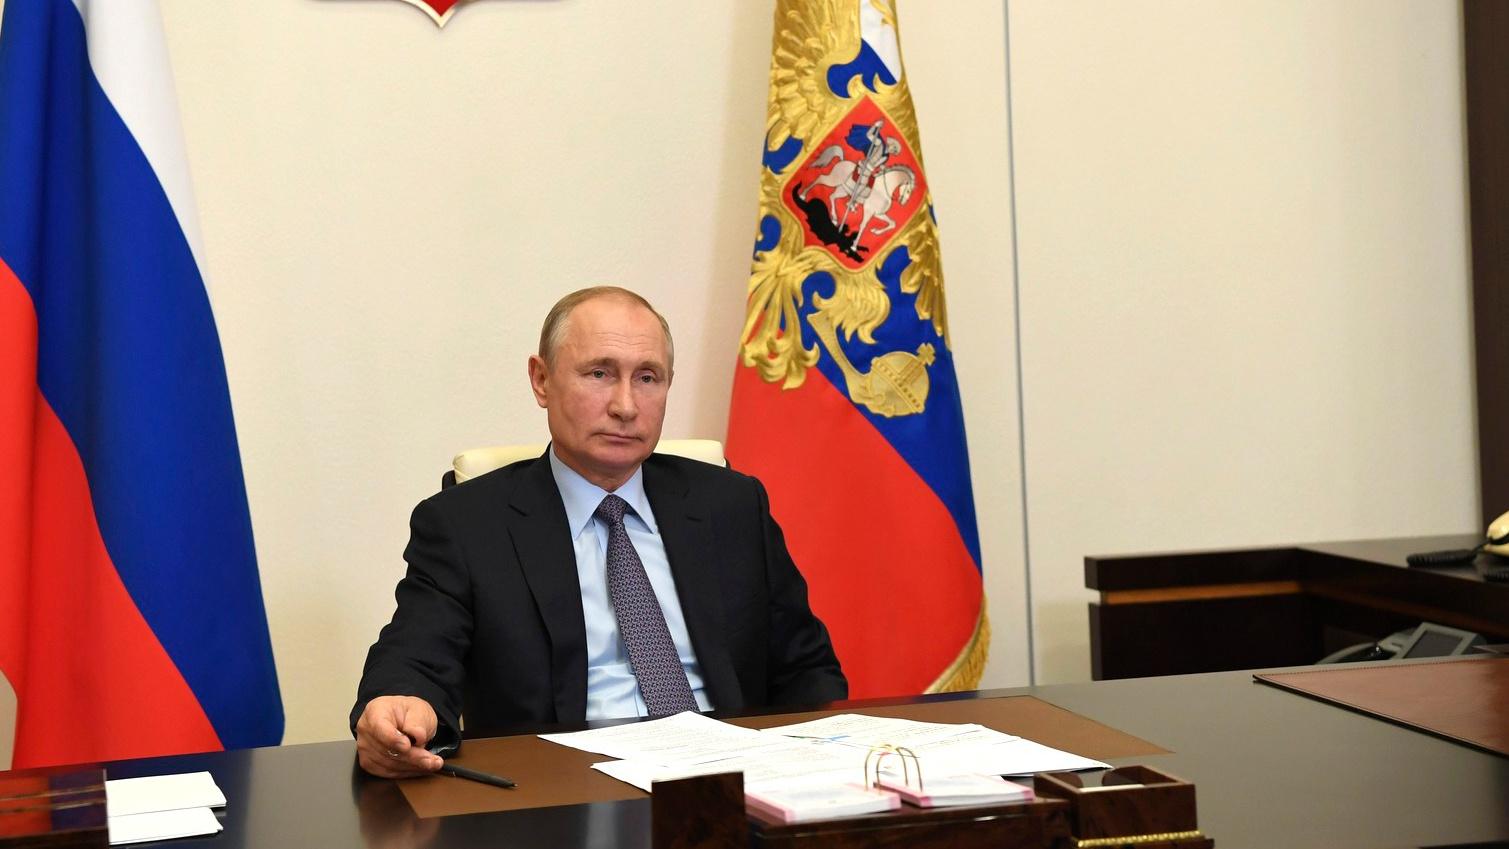 Путин рассказал о подарках, которые ему дарят внуки